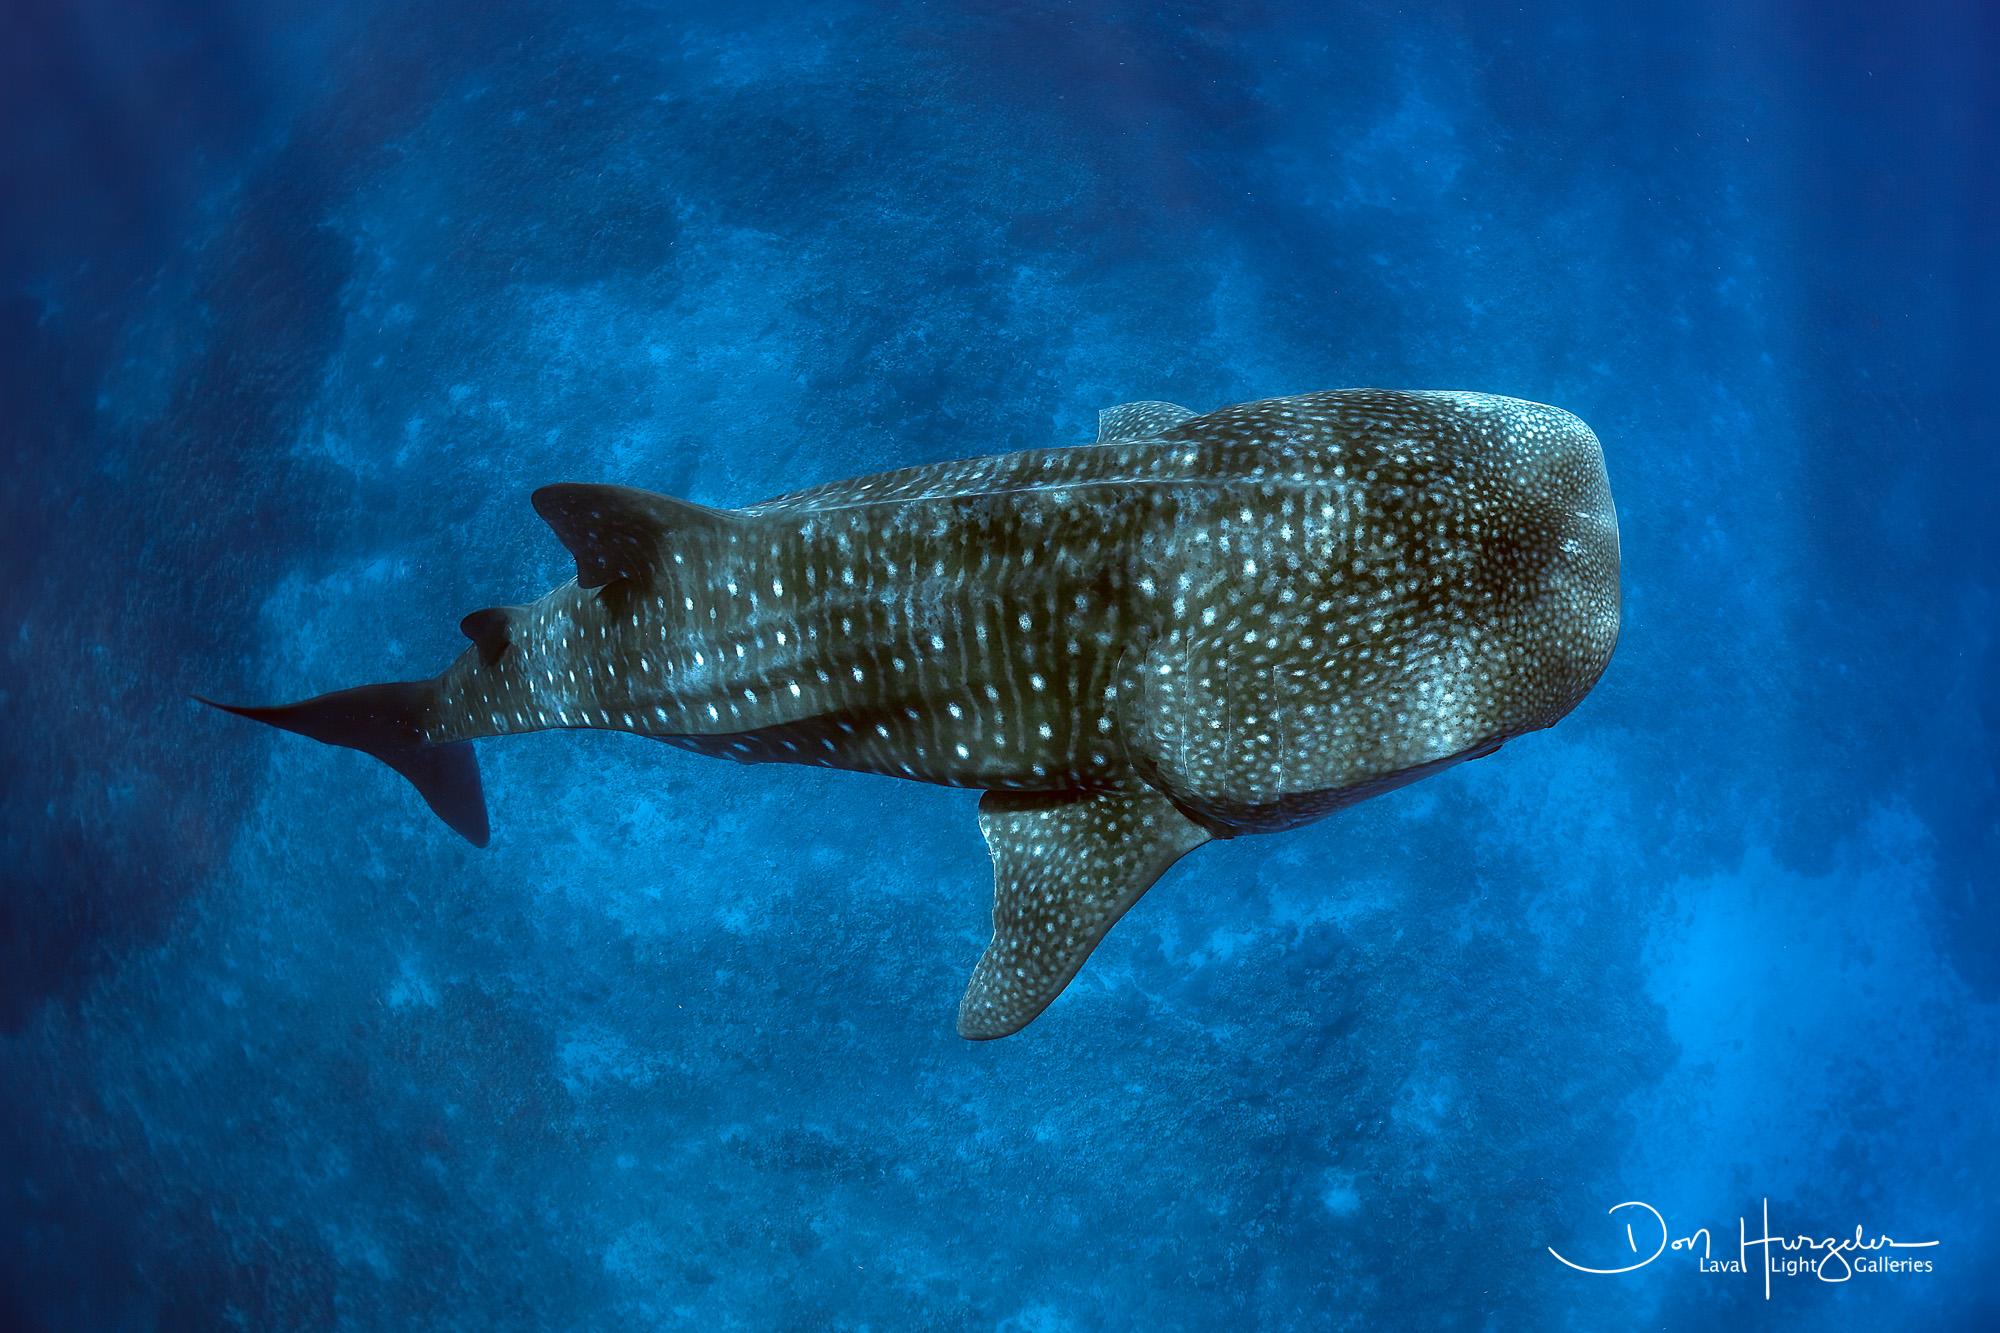 Kona Whale Shark